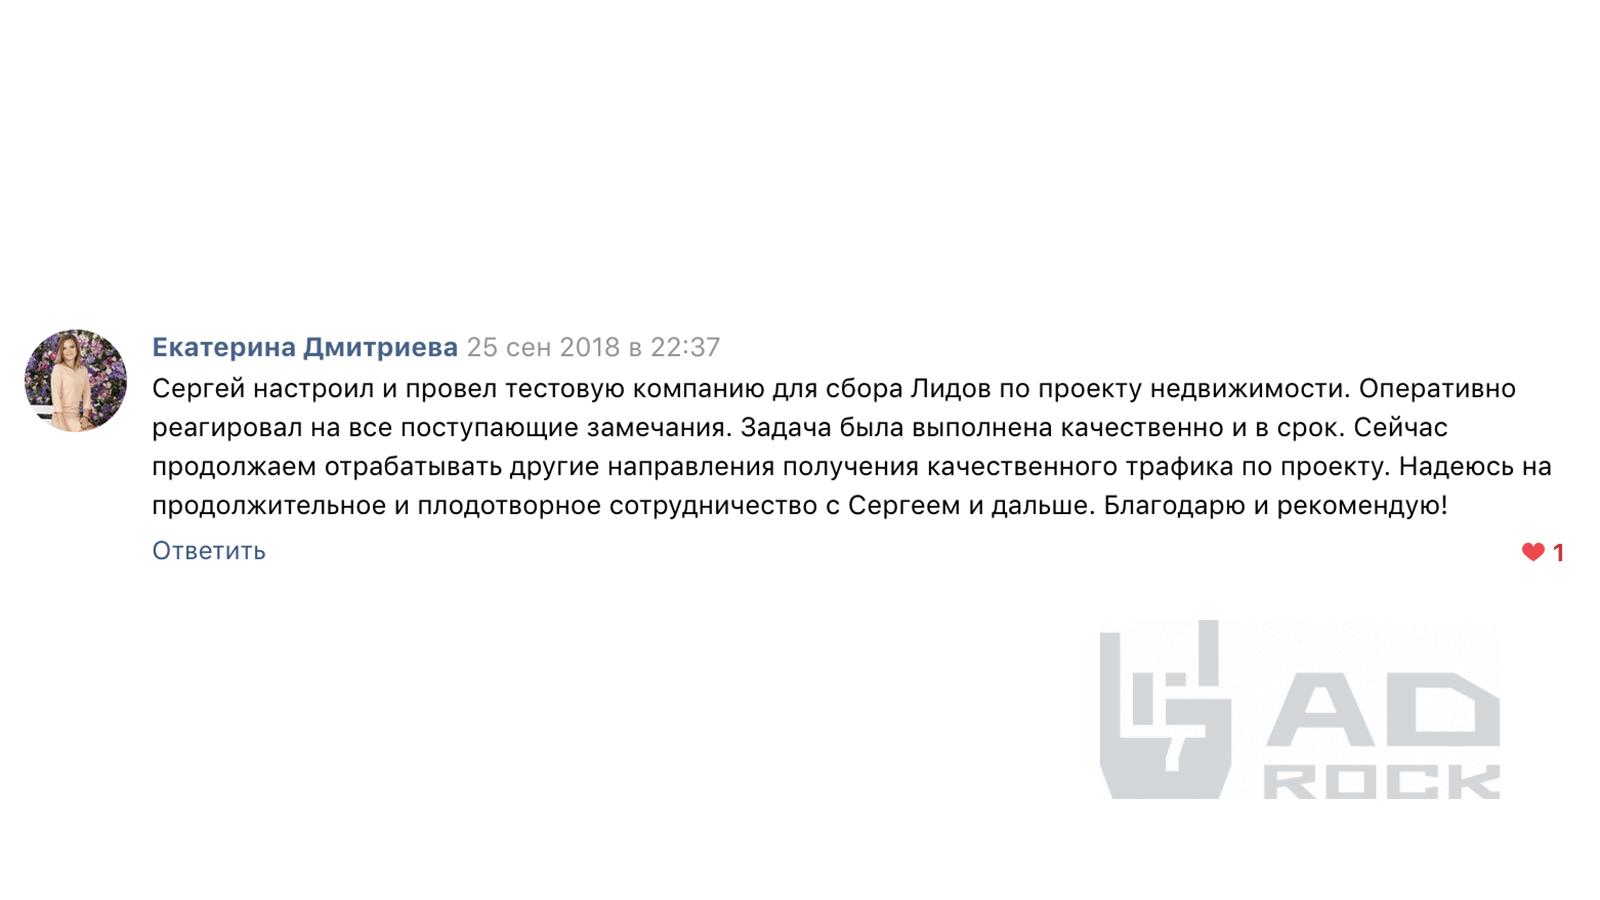 137 заявок на покупку недвижимости в Болгарии по 195р